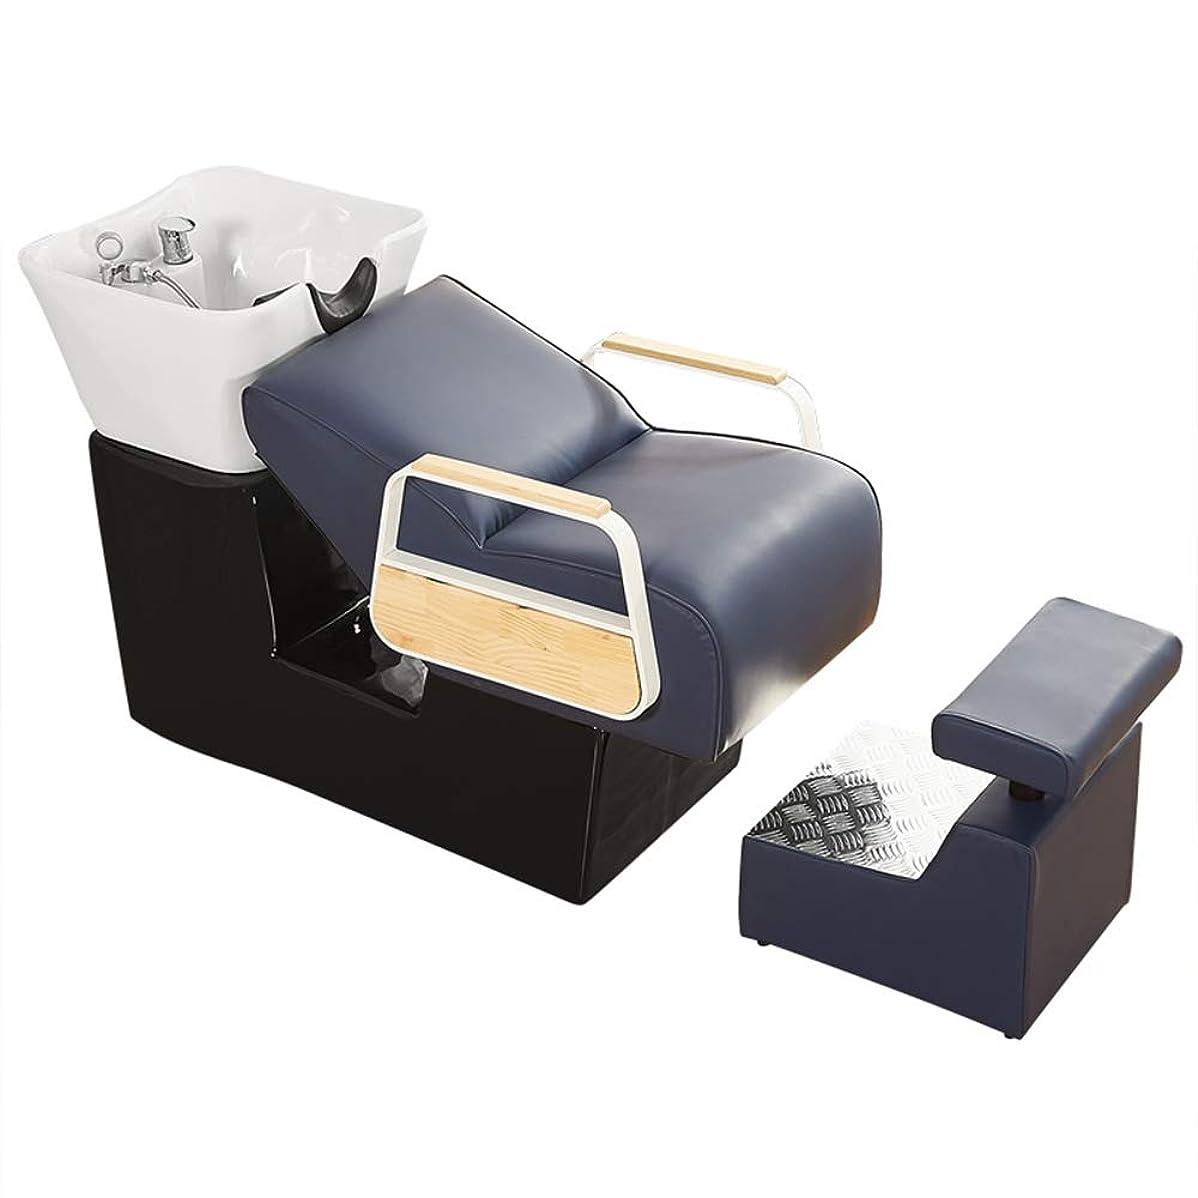 と闘う砲兵外側シャンプーの椅子、逆洗の単位の陶磁器の洗面器の洗面器のための洗面器のボウル理髪シンクの椅子